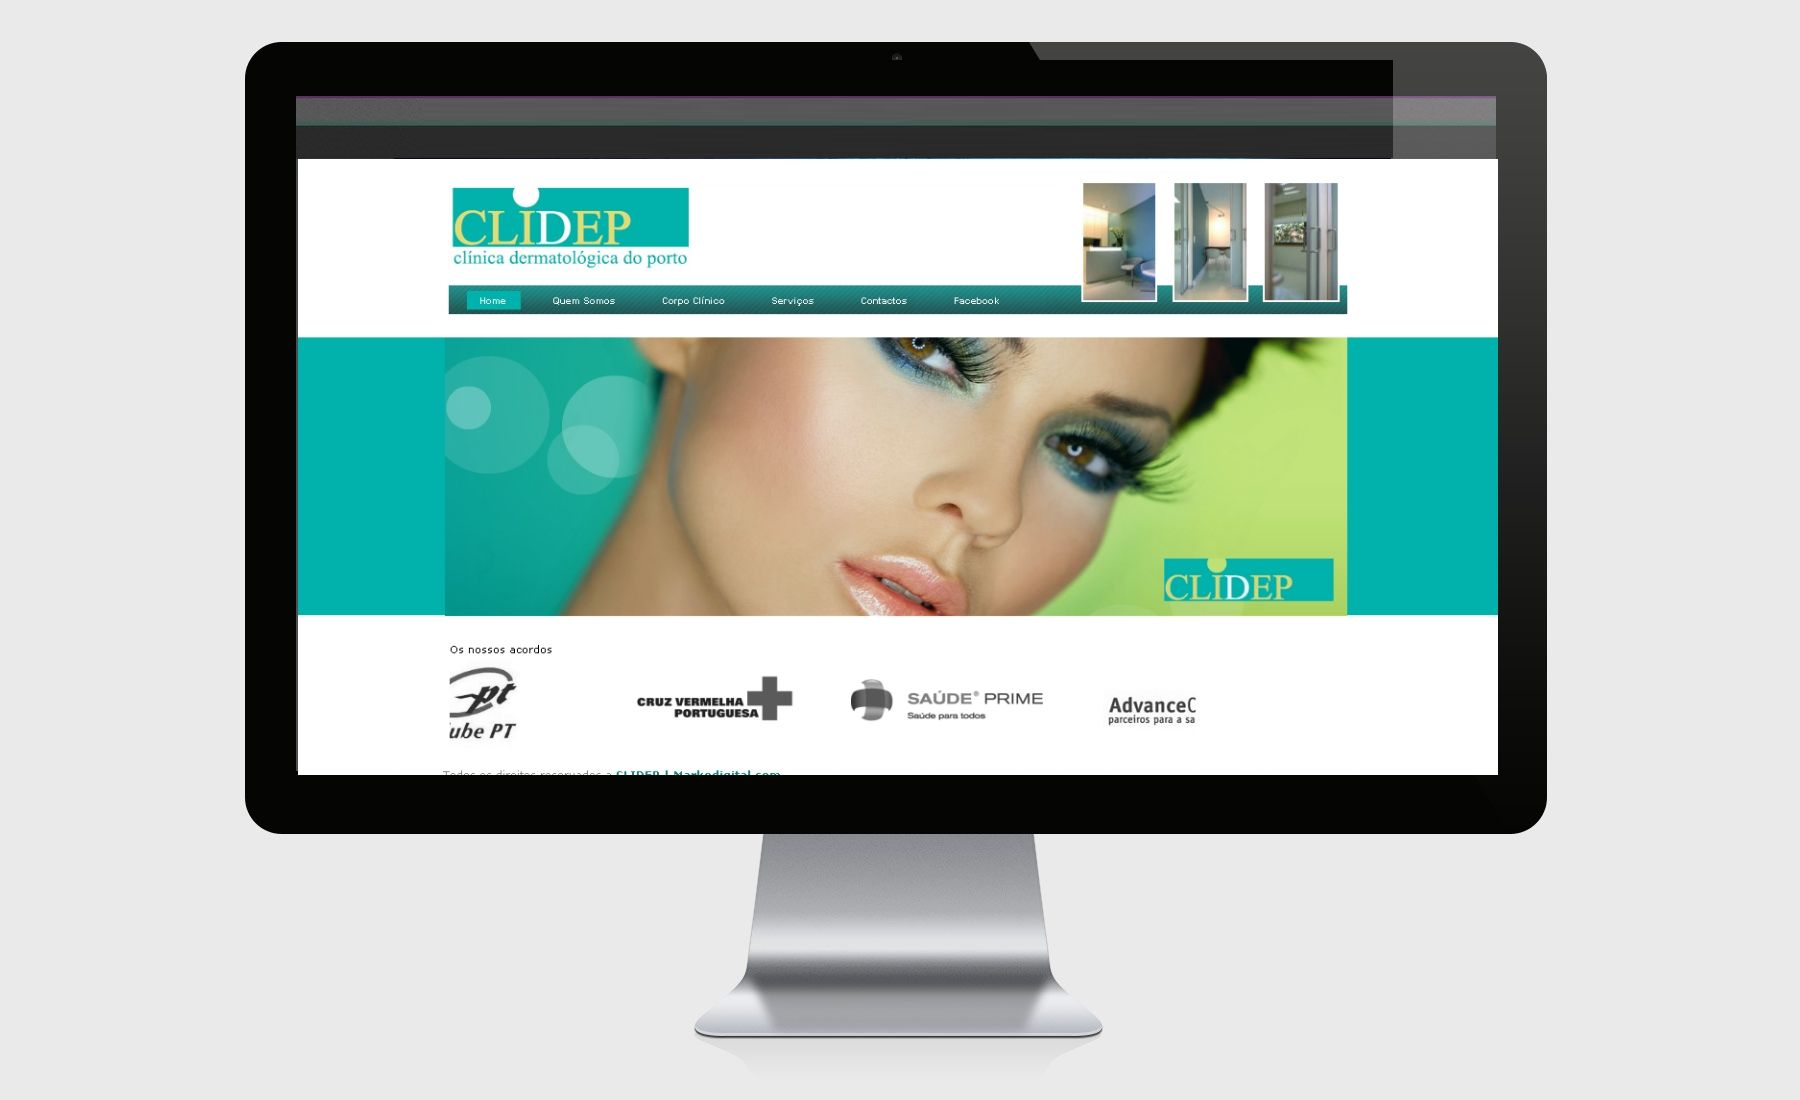 Desenvolvimento do site oficial da CLIDEP com Painel de Administração Online. Gestão de campanhas publicitárias, Gestão de Newsletters e envio massivo, manutenção de conteudos e consultoria de imagem.